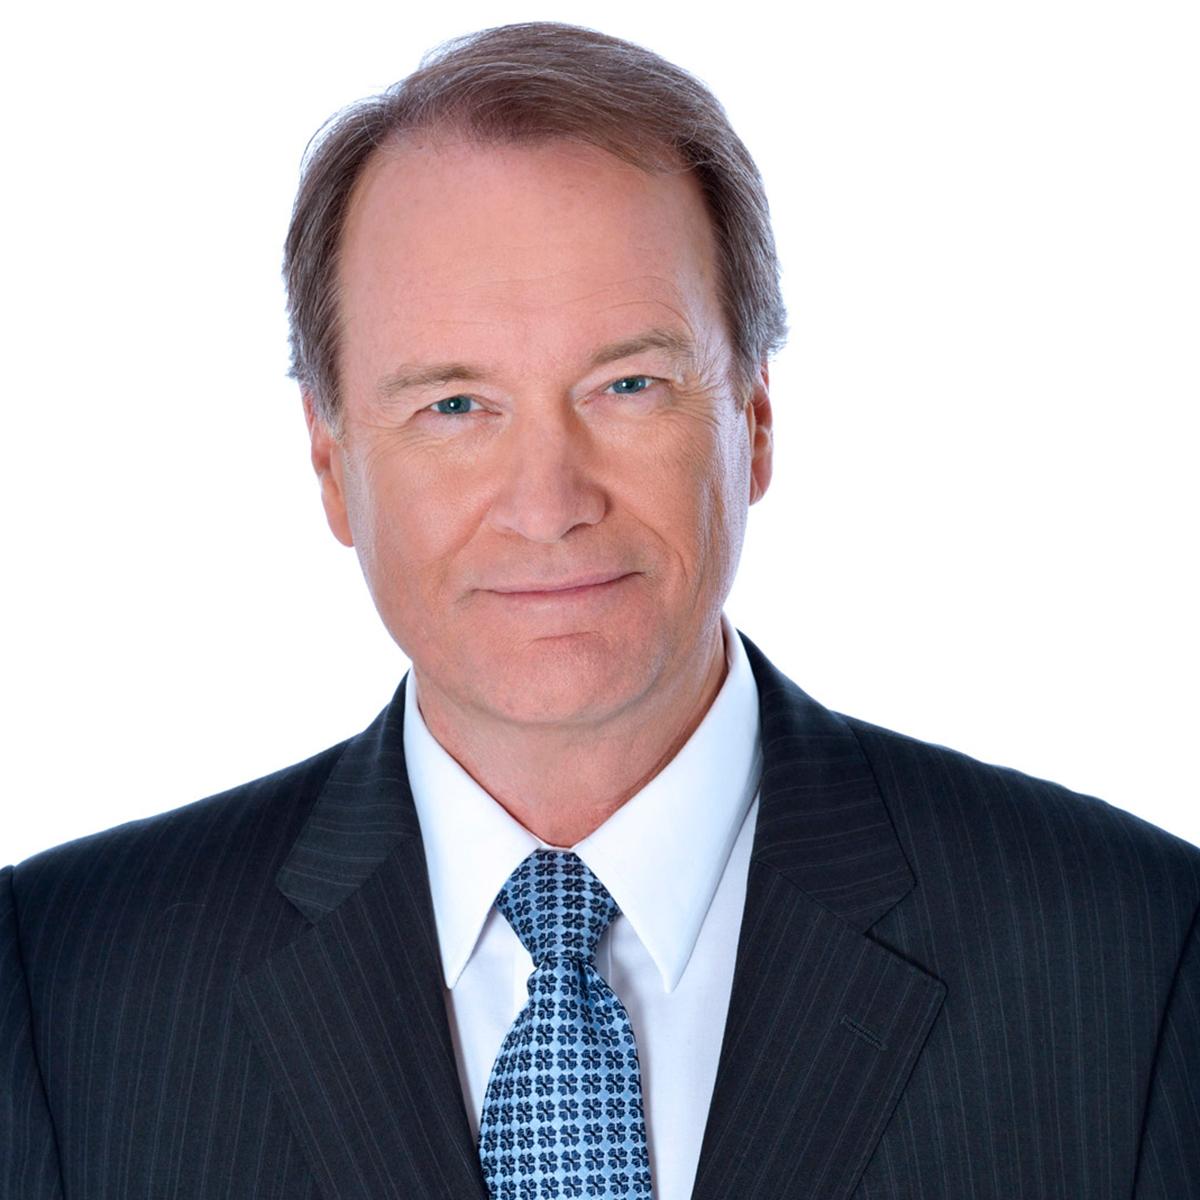 David Horn, Executive Producer of Great Performances